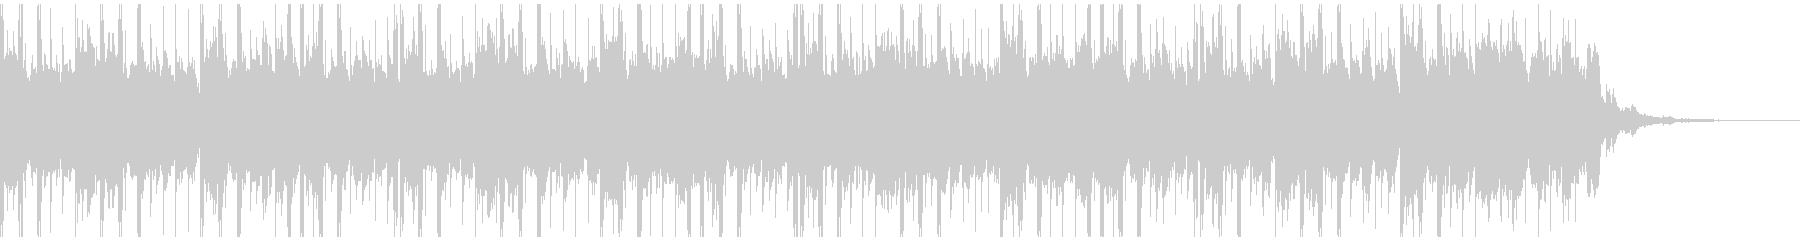 テクノロジーミュージック(30秒)の未再生の波形